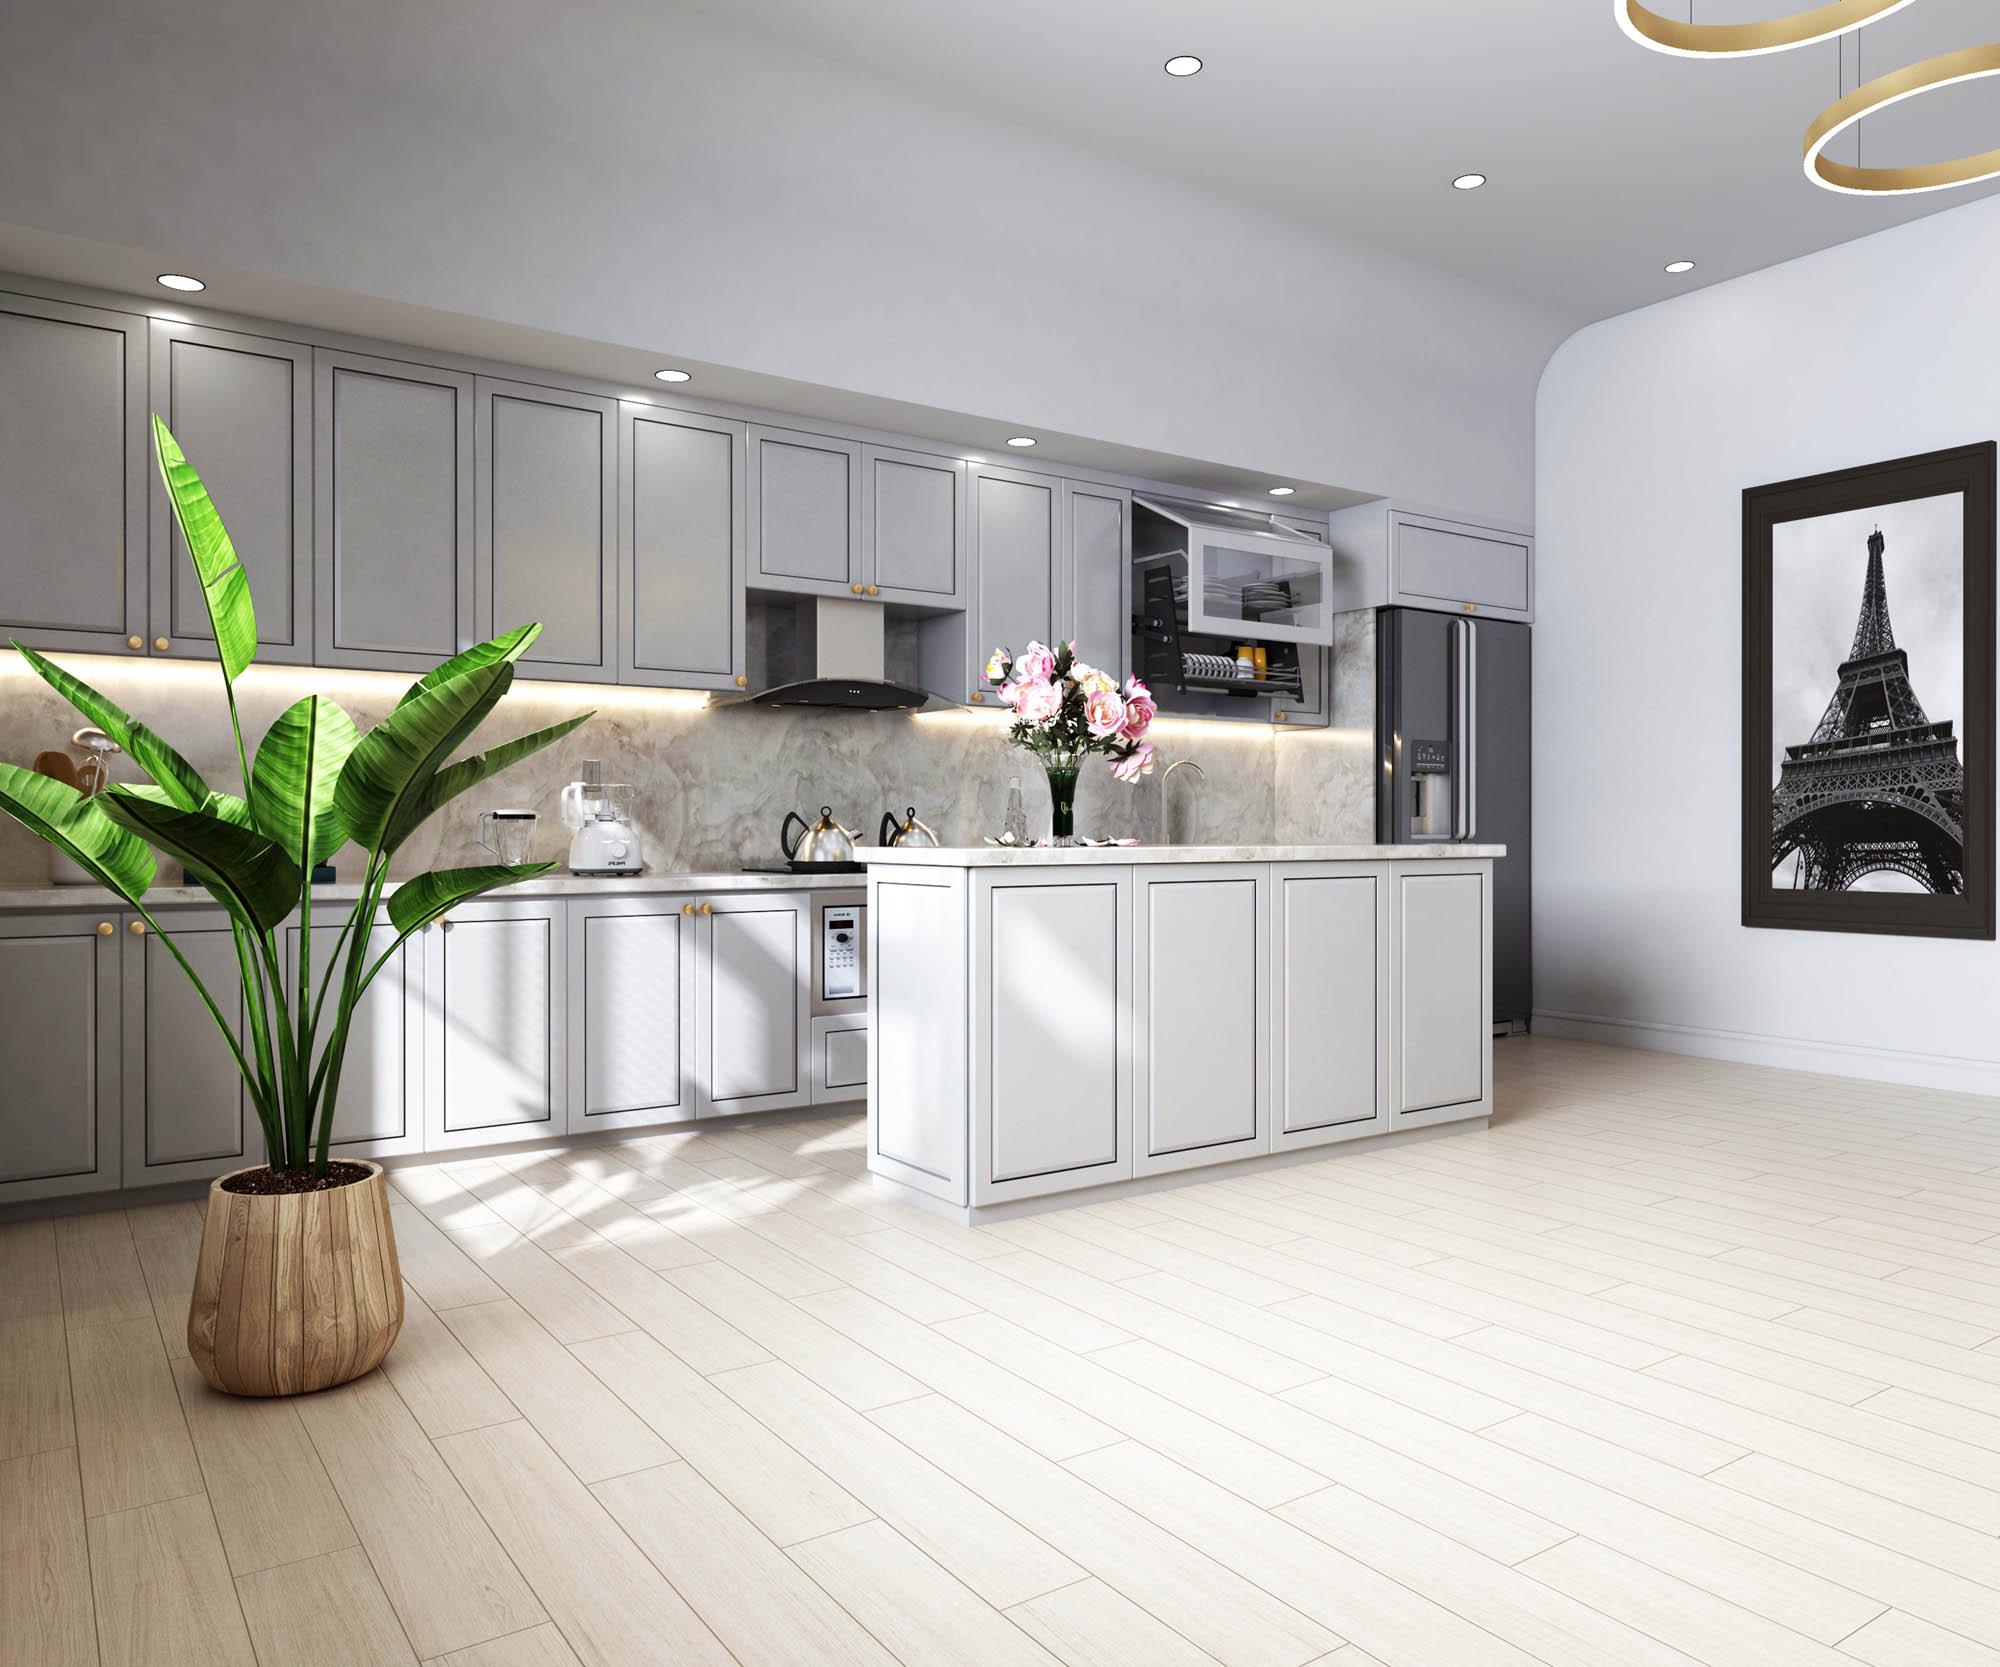 Ảnh 5: Gạch Slimtech trong không gian nhà ở sang trọng, hiện đại